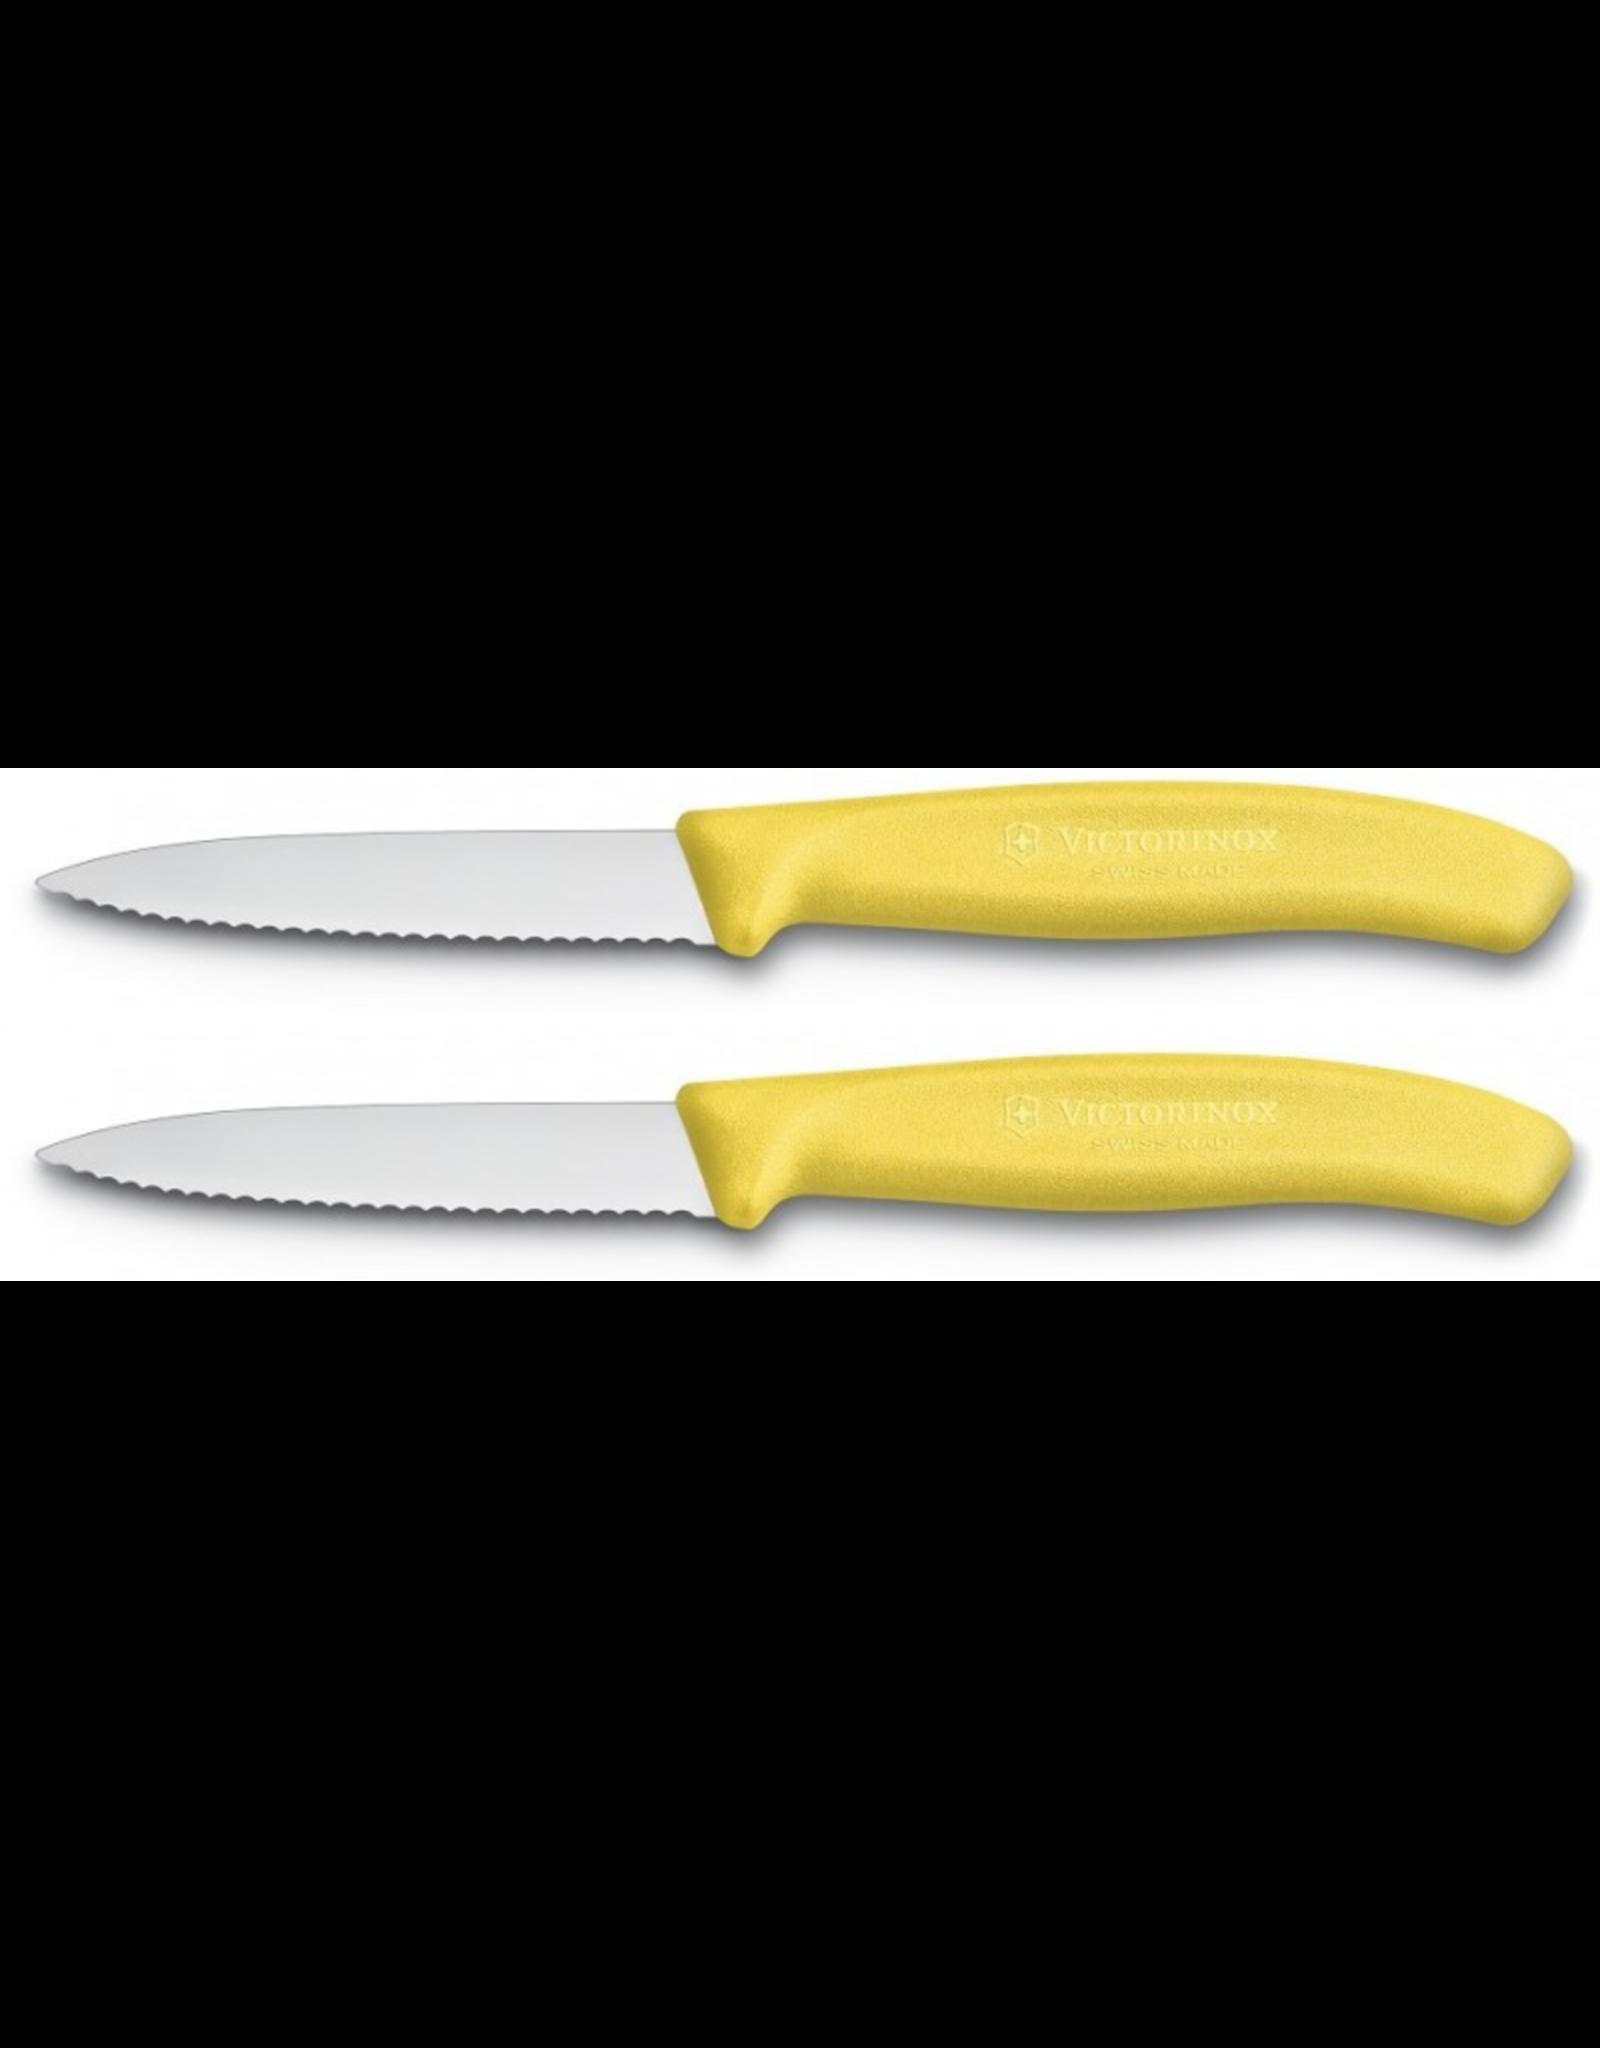 Victorinox VICTORINOX. Schilmesje 8cm gekarteld geel (set van 2)